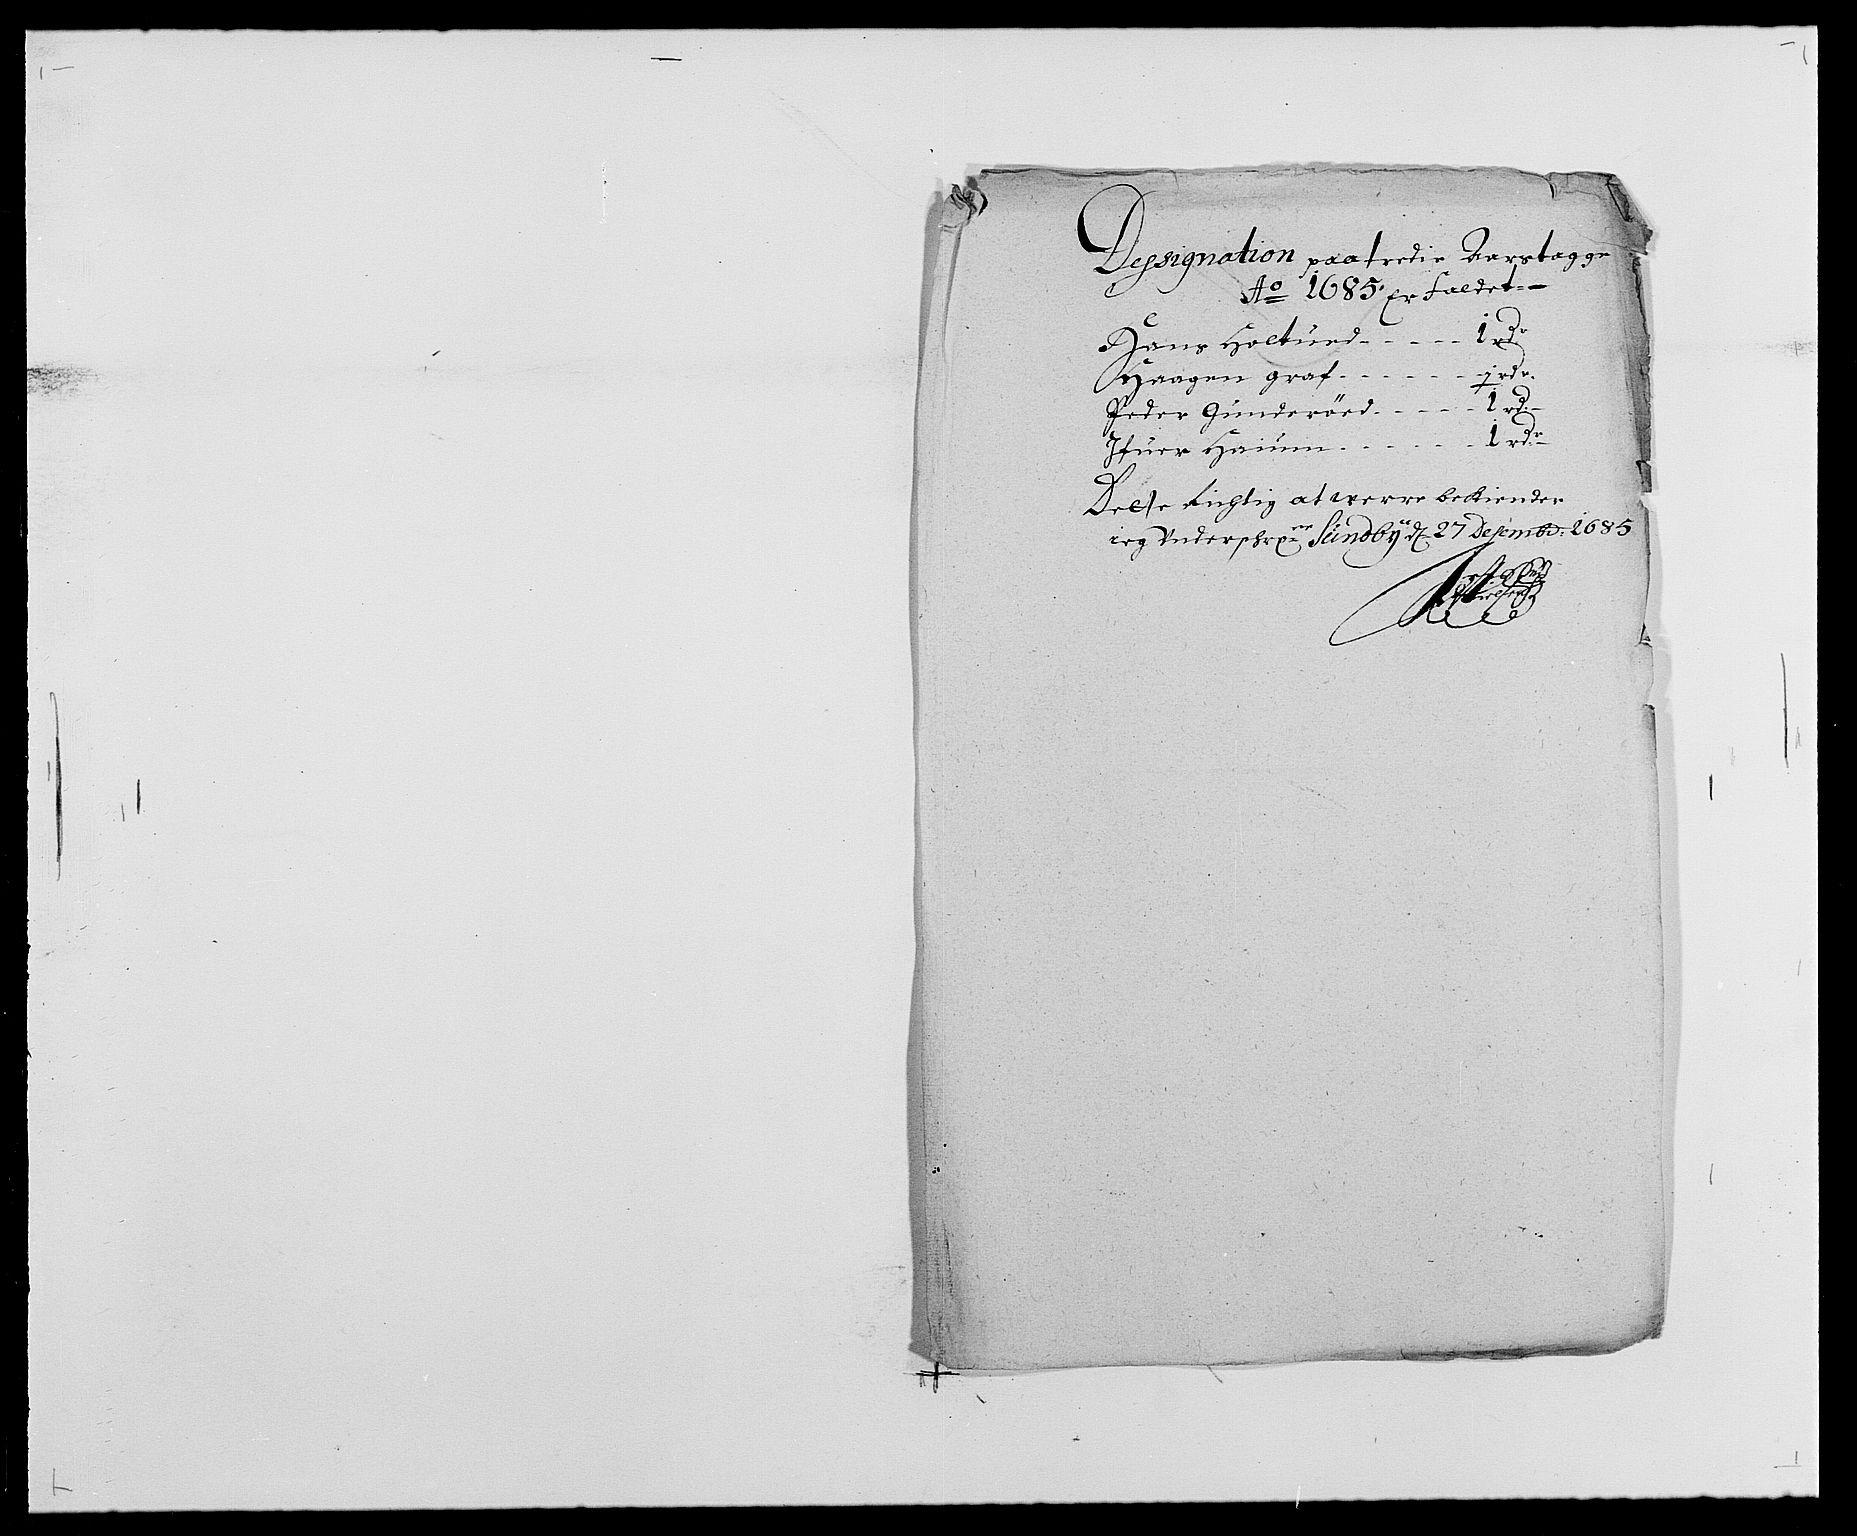 RA, Rentekammeret inntil 1814, Reviderte regnskaper, Fogderegnskap, R29/L1692: Fogderegnskap Hurum og Røyken, 1682-1687, s. 239